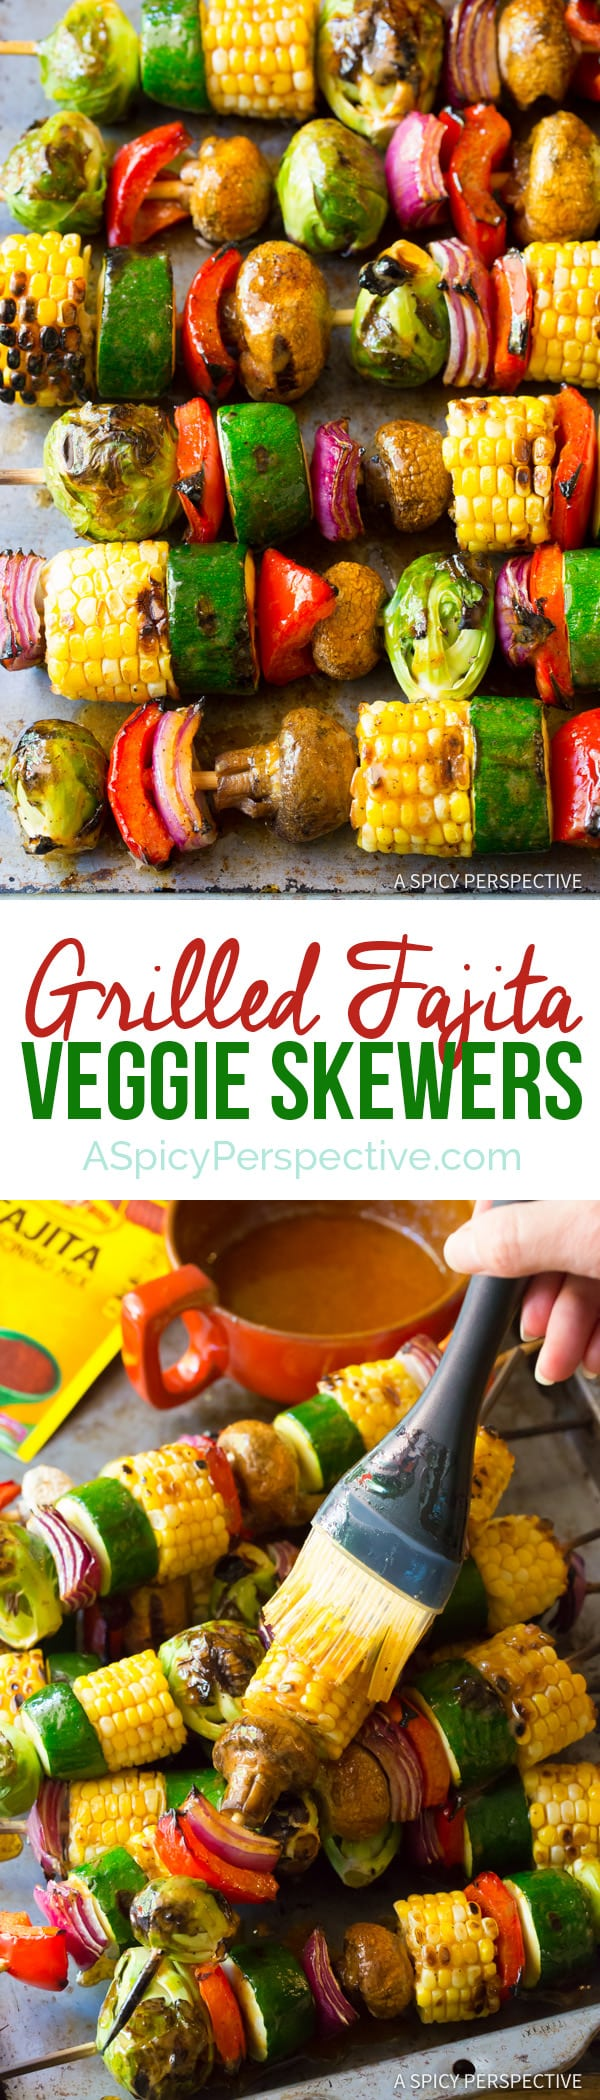 Sizzling Grilled Fajita Vegetable Skewers   ASpicyPerspective.com